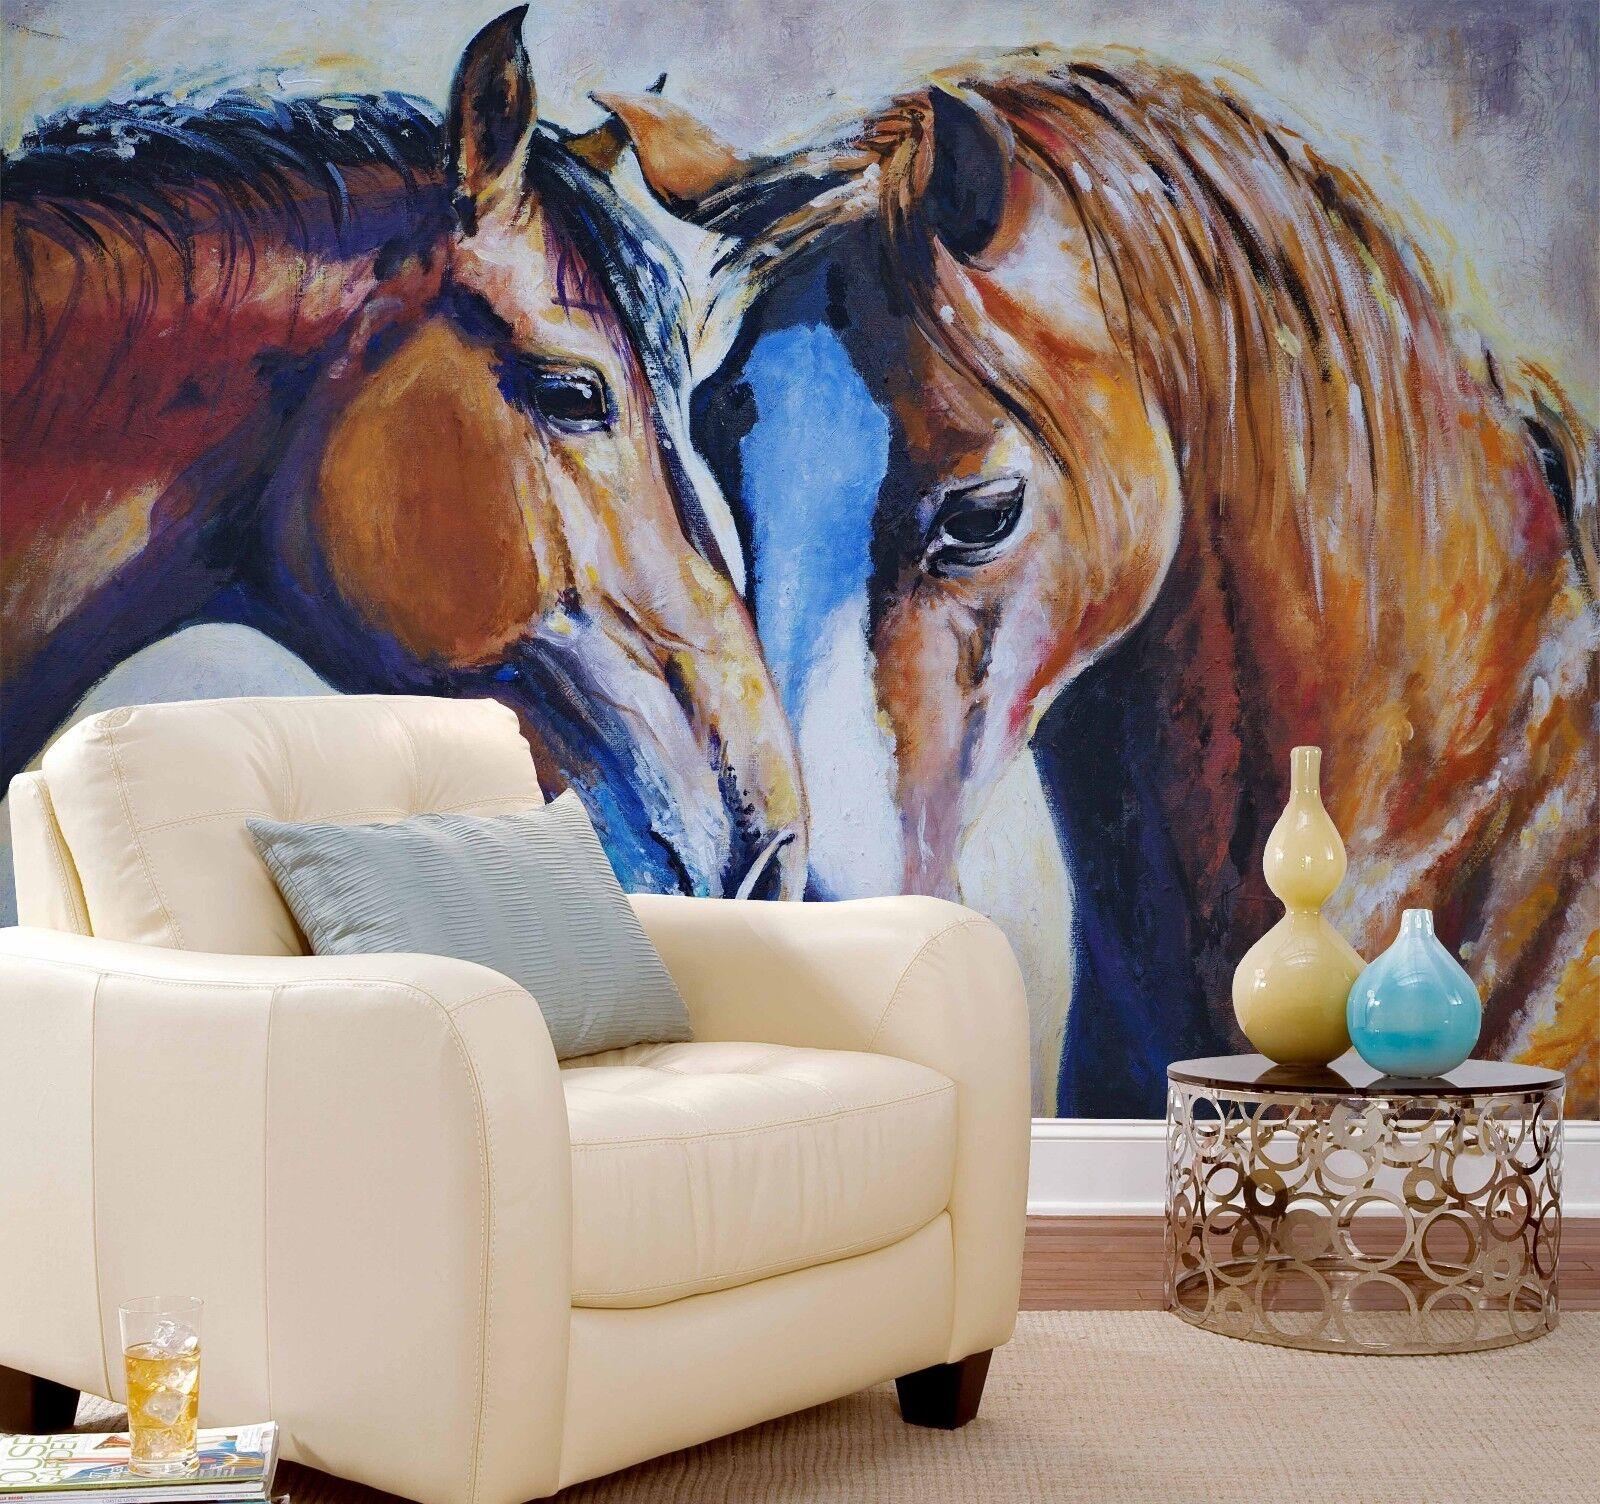 3D Gemaltes Pferd Tier Kunst Kunst Kunst 93 Tapete Wandgemälde Tapeten Bild Familie DE Lemon 0ecb6d